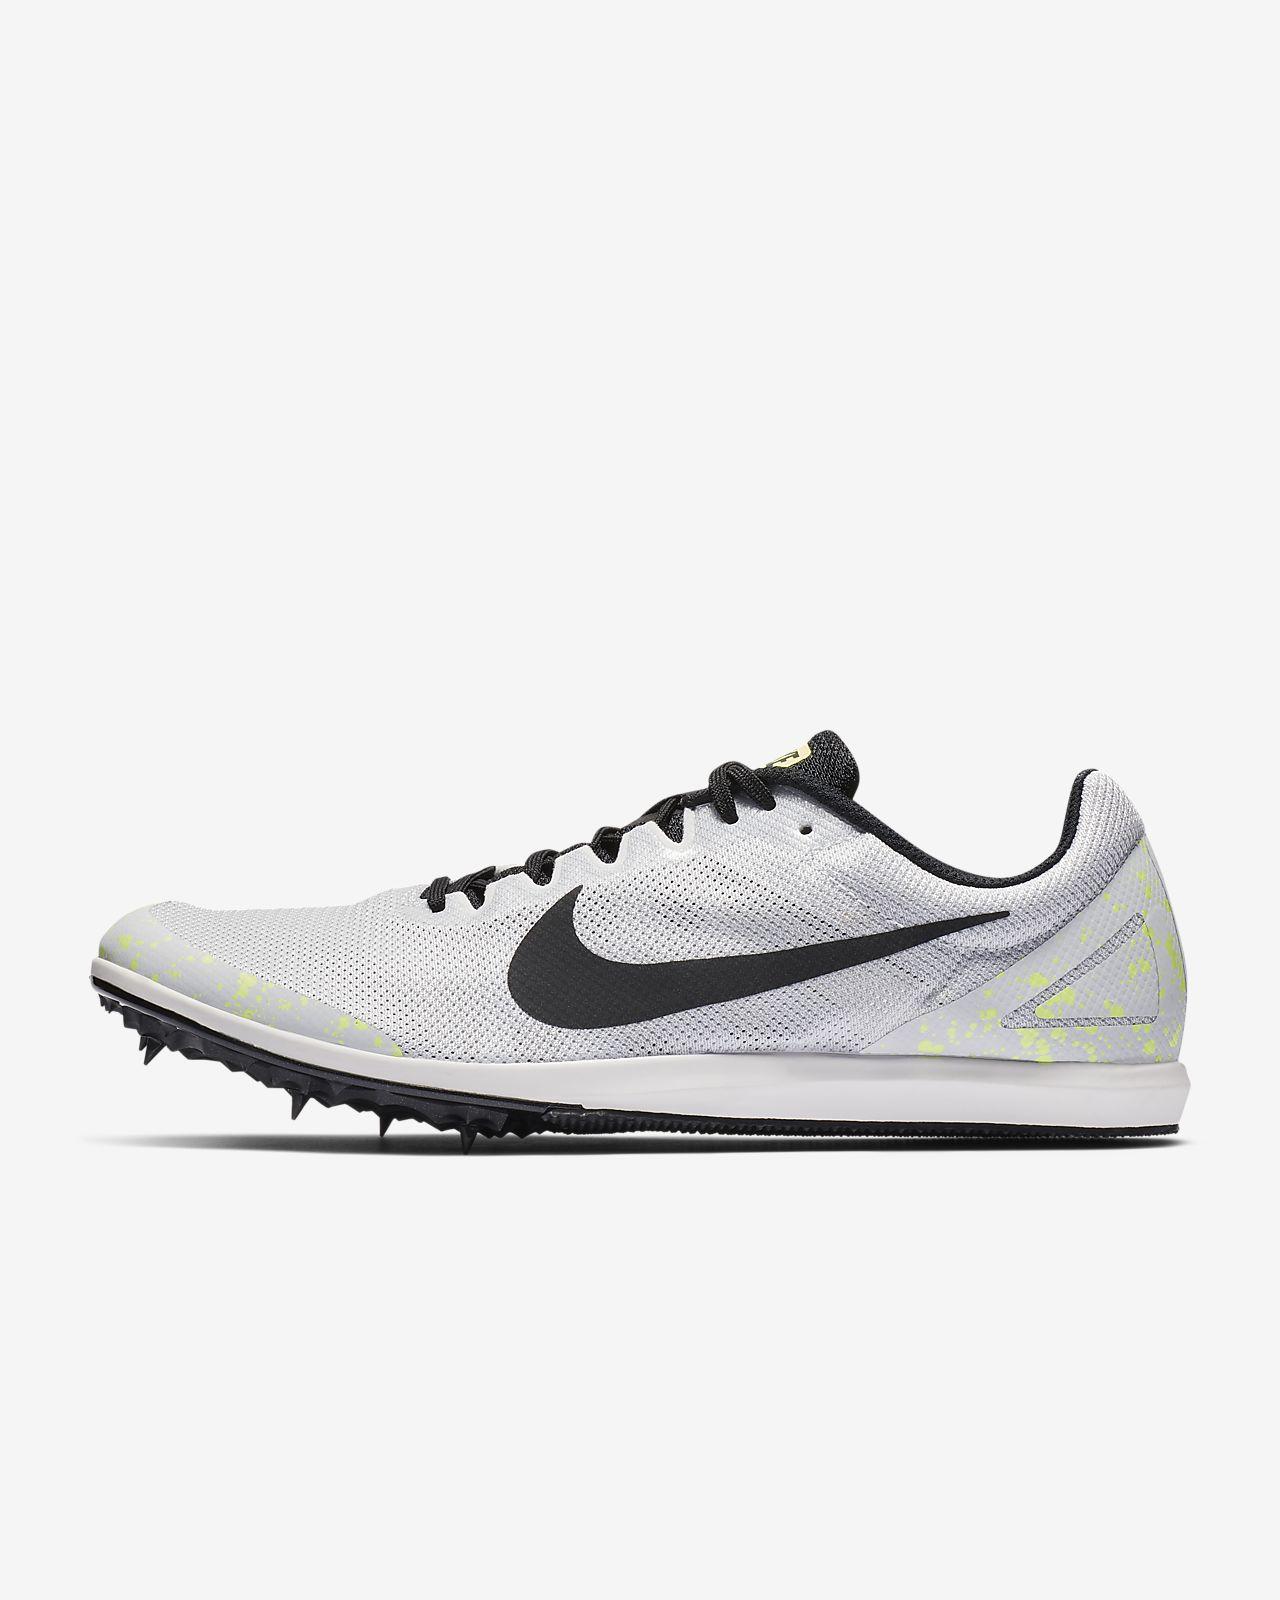 D 10Be À Zoom Nike De Course Rival Mixte Chaussure Pointes WDHI9E2